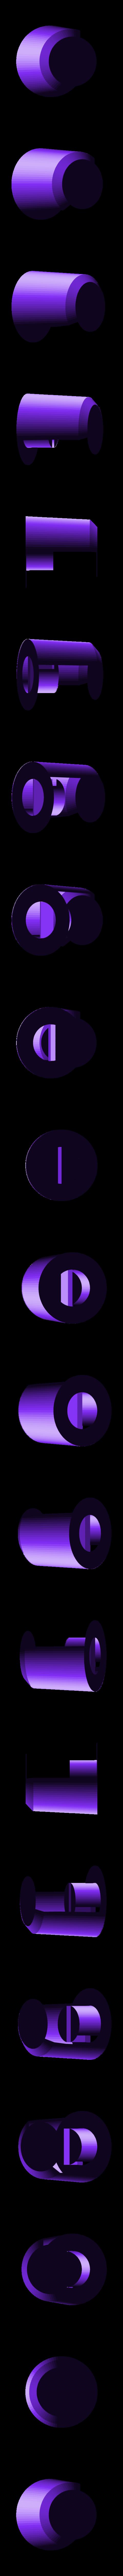 mp3-knob.stl Télécharger fichier STL gratuit Plume MP3 - Gordon Cole • Objet pour impression 3D, Adafruit